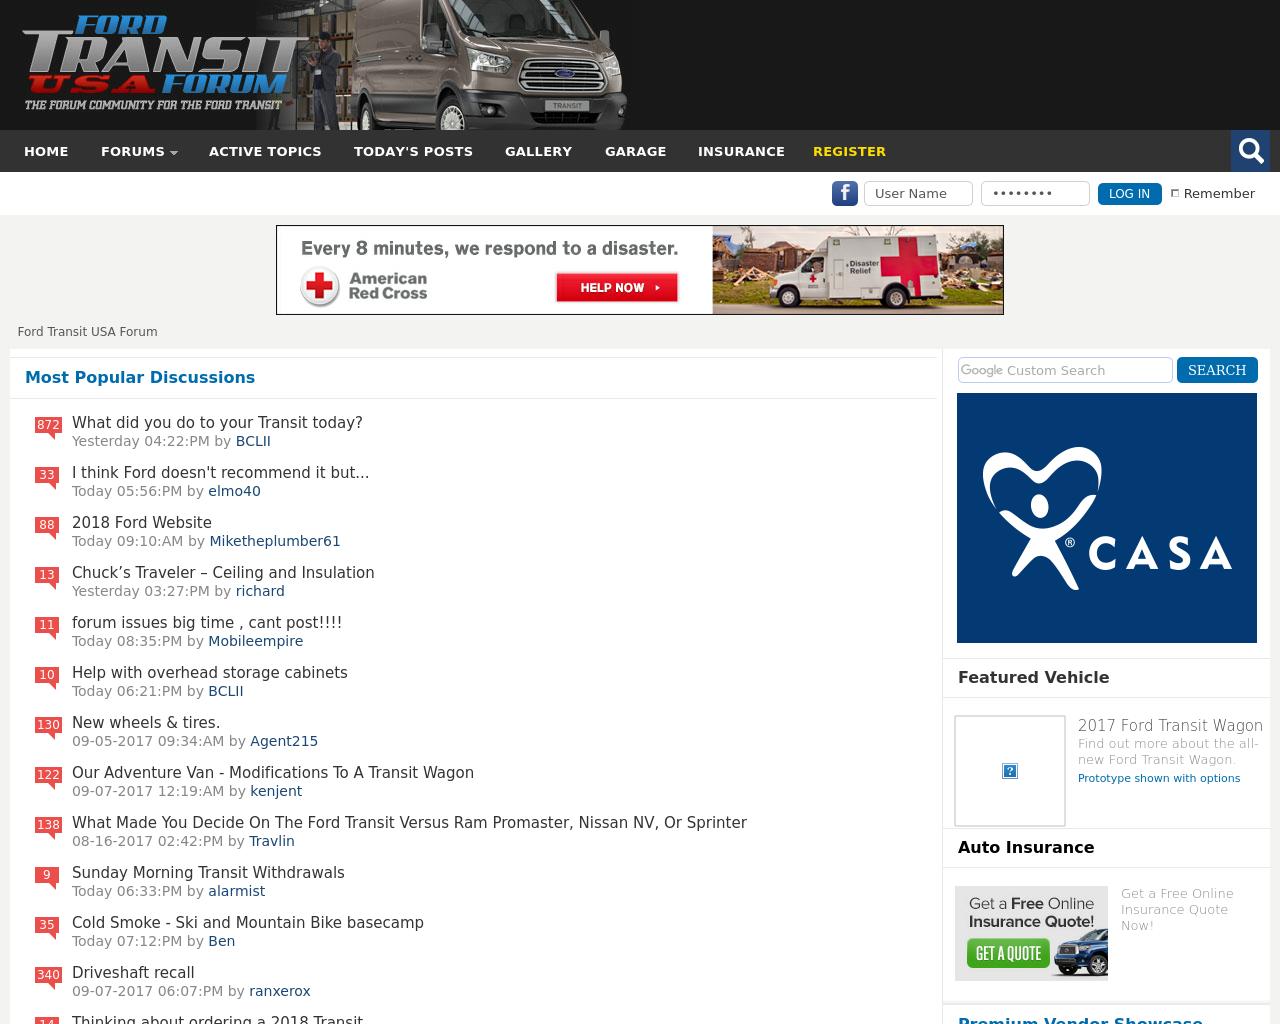 Ford-Transit-Usa-Forum-Advertising-Reviews-Pricing